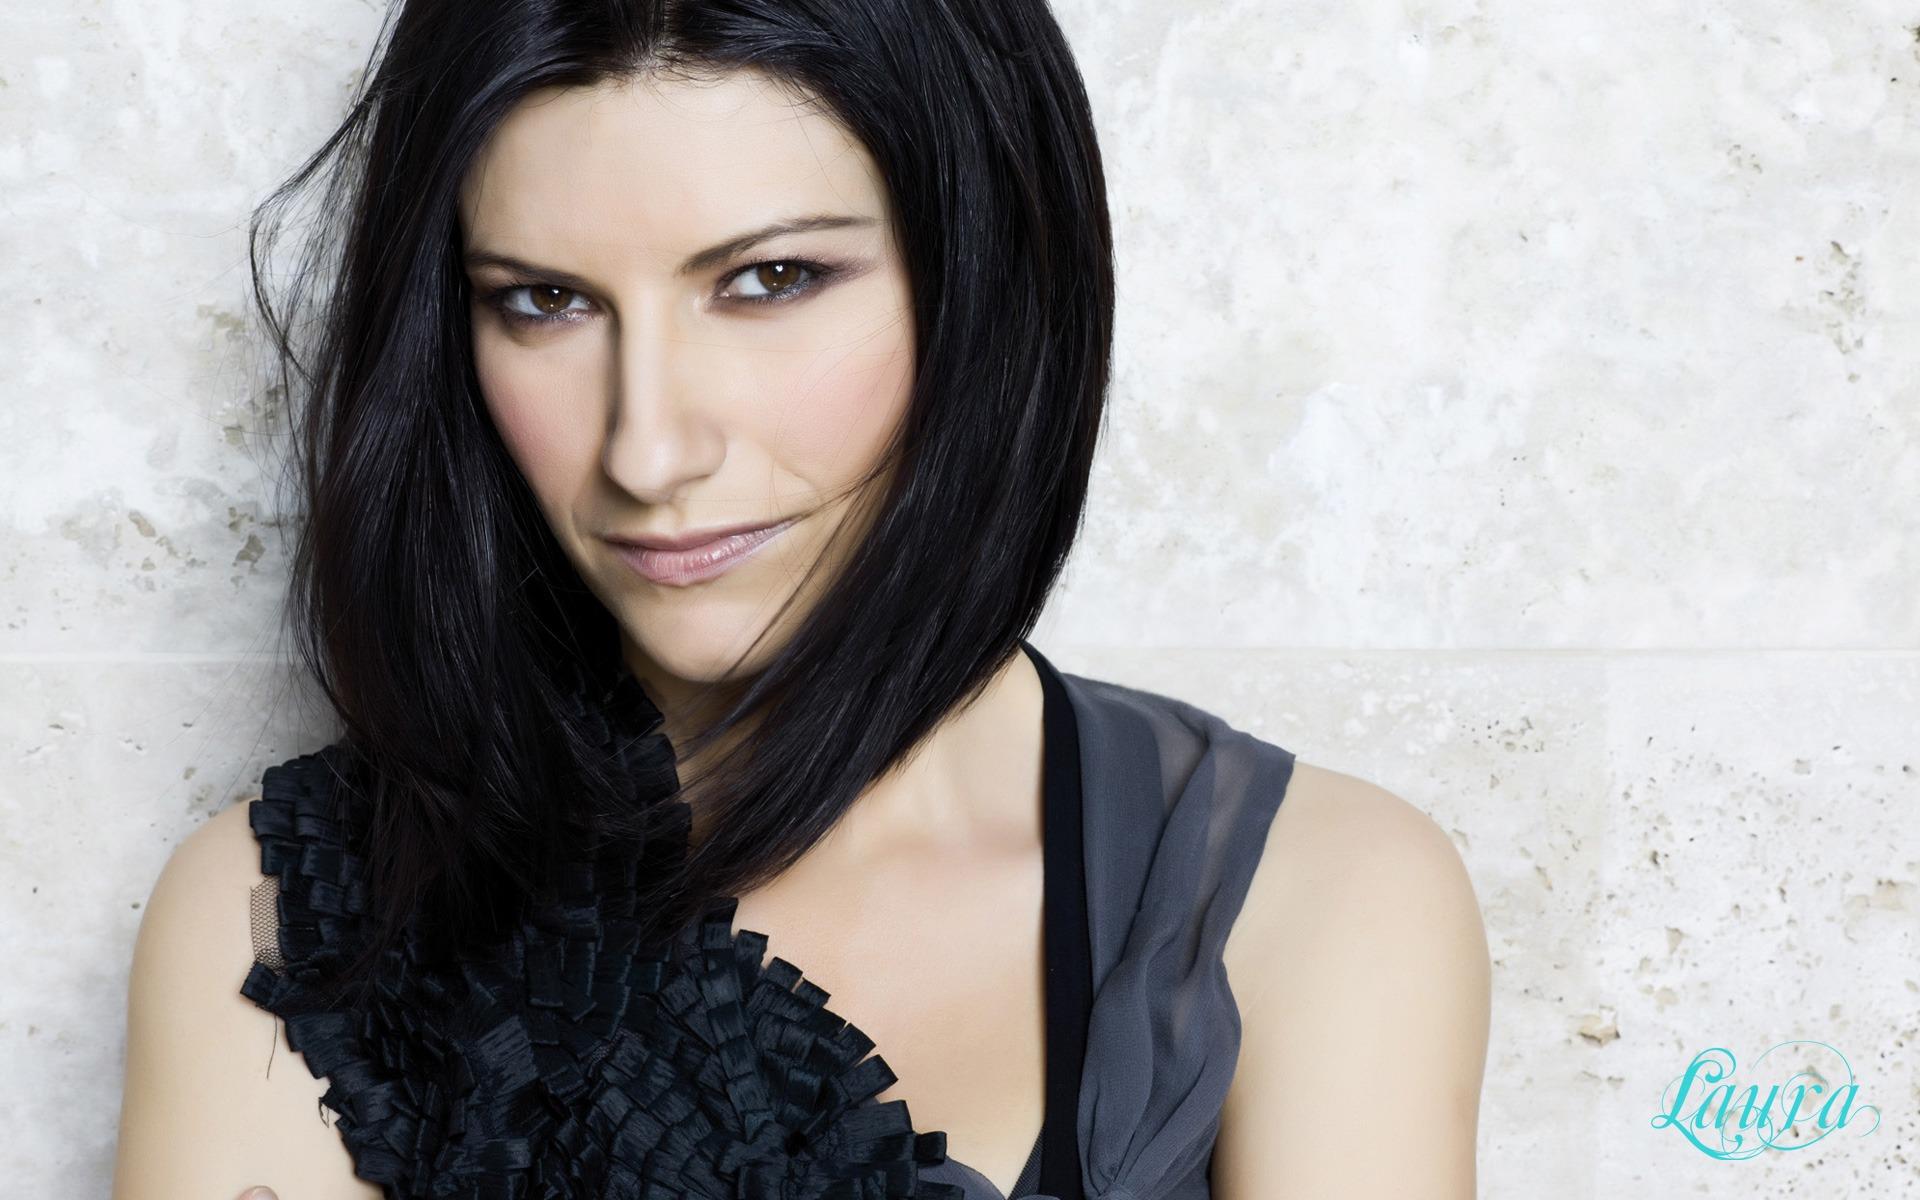 Laura Pausini, 5 date del tour europeo annullate per problemi di salute